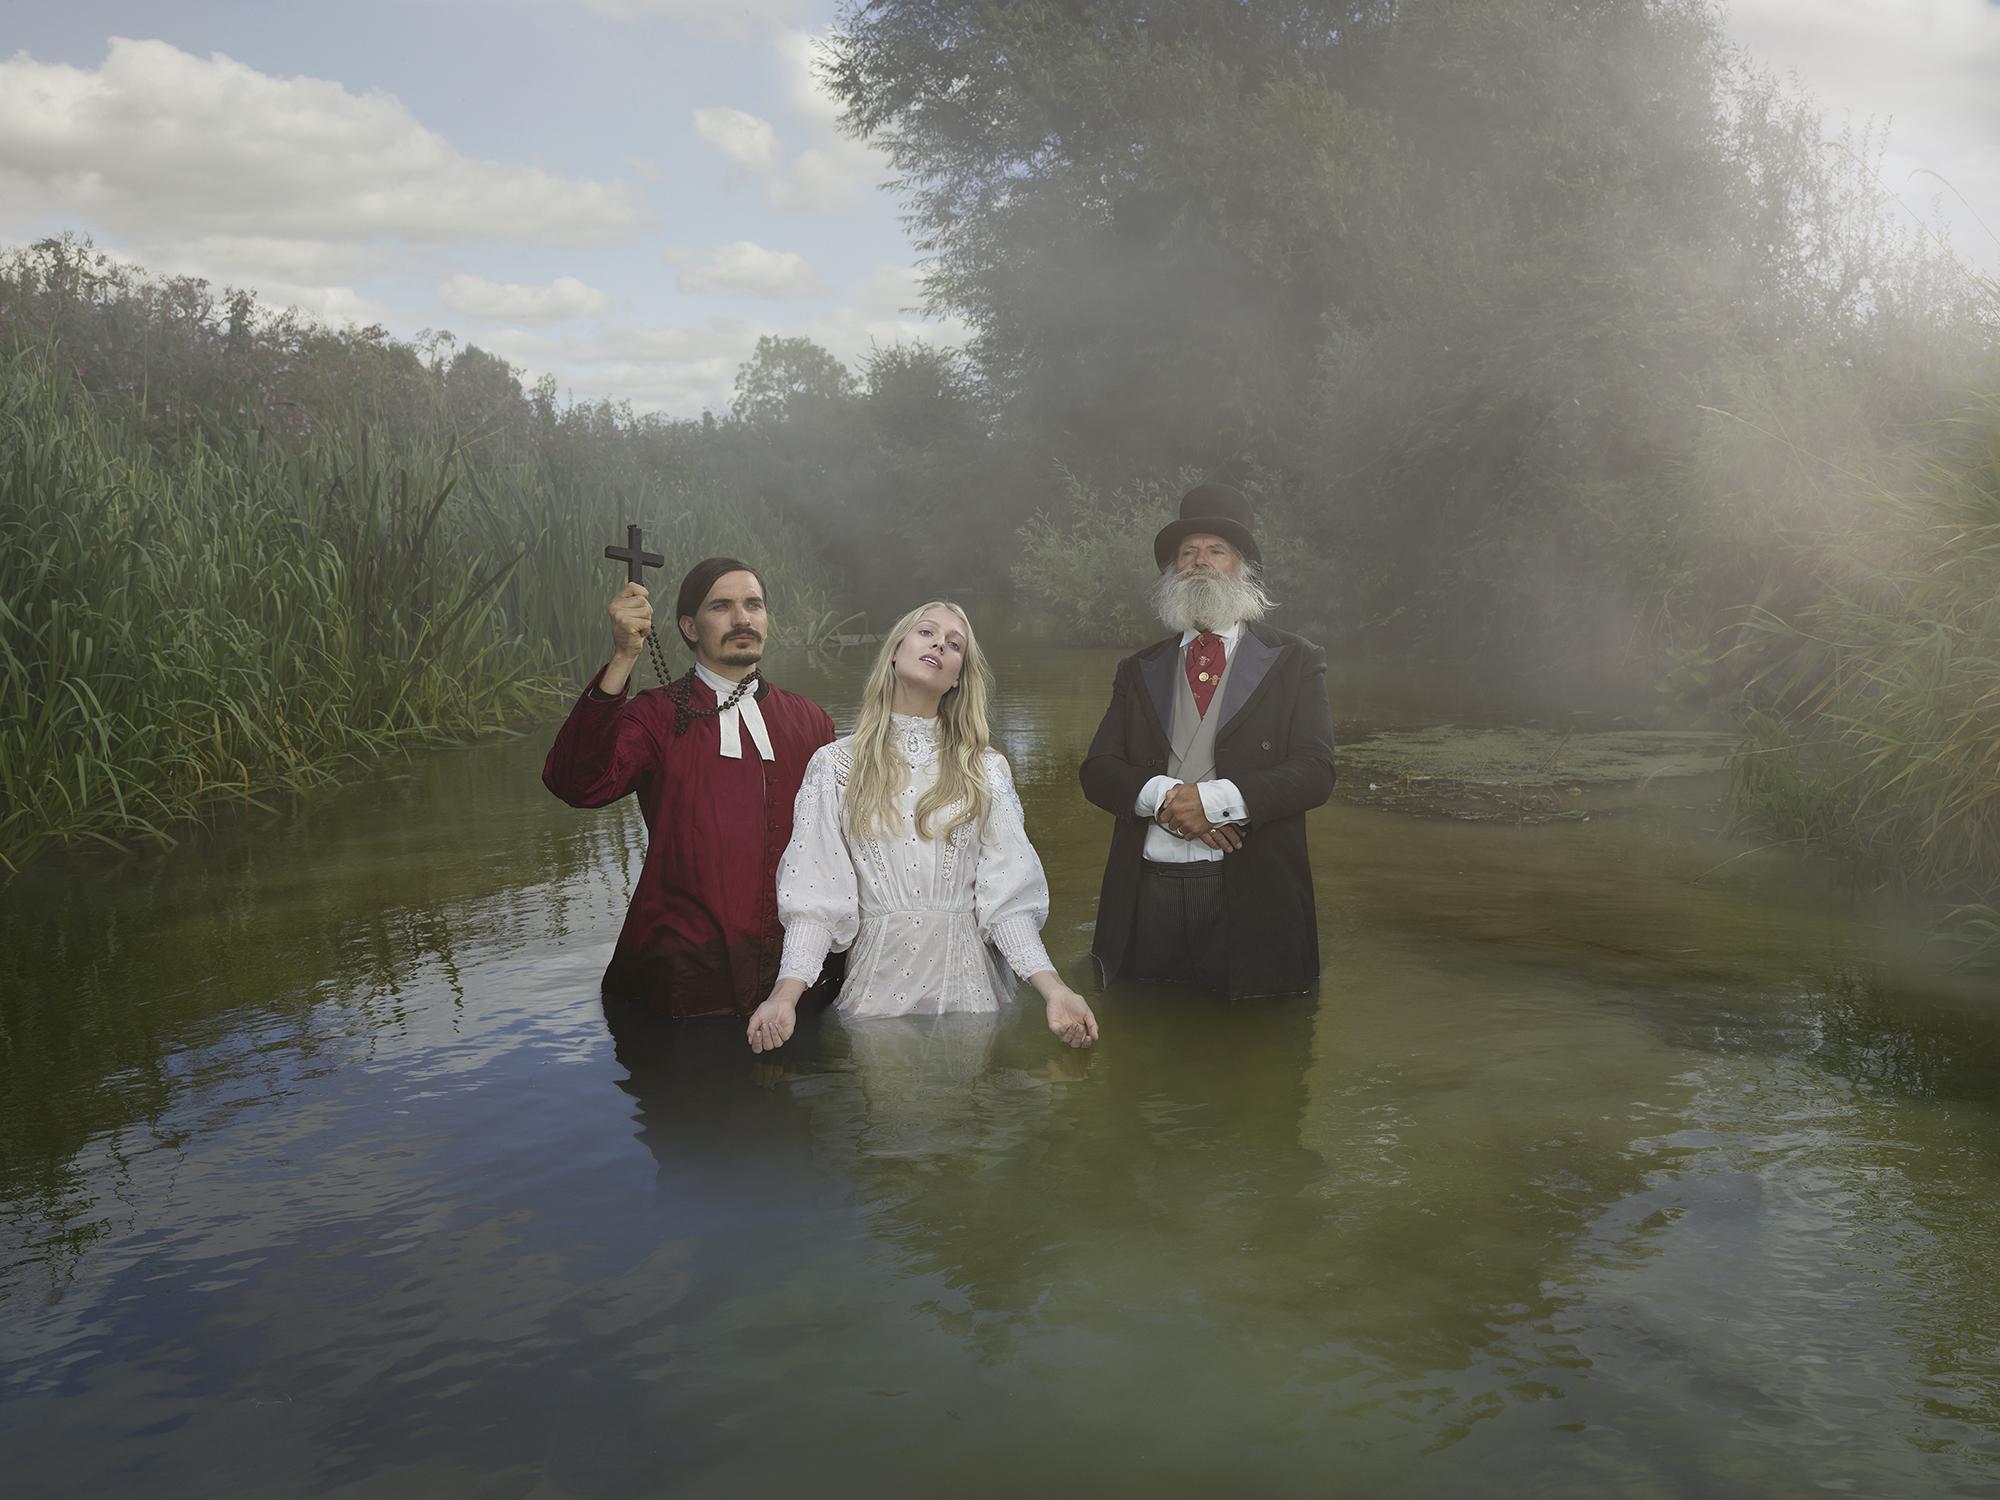 Baptism  - 'Old Father Thames', 2018